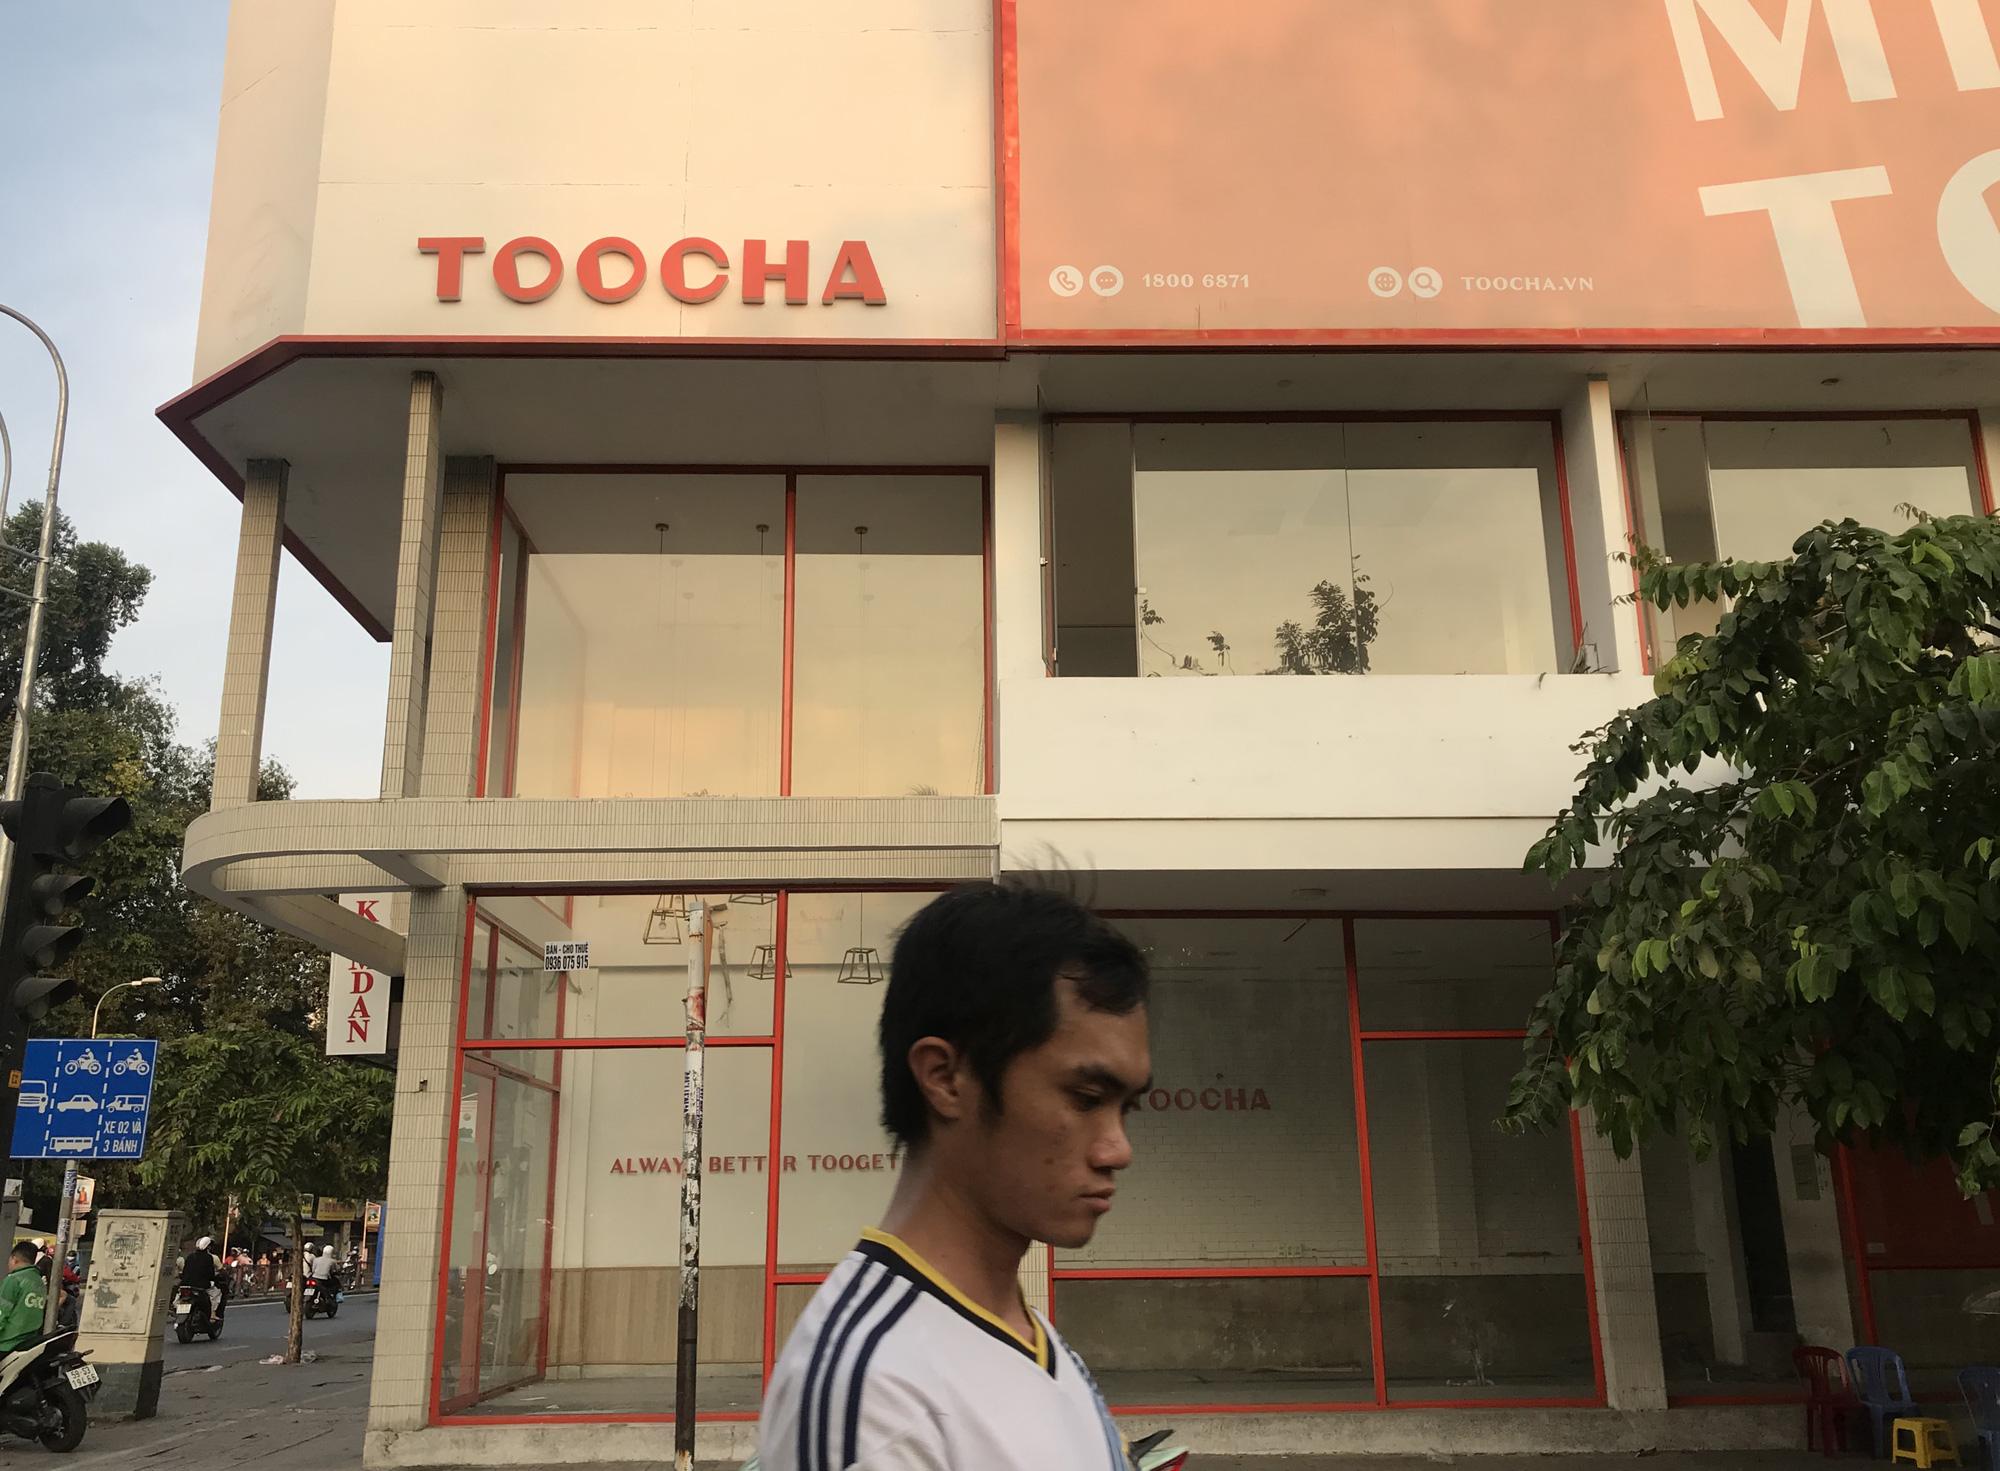 Hình ảnh loạt cửa hàng Toocha, sữa đậu nành Mr Bean của Shark Thủy, thậm chí 7-Eleven cũng đóng cửa vì Covid-19 - Ảnh 1.